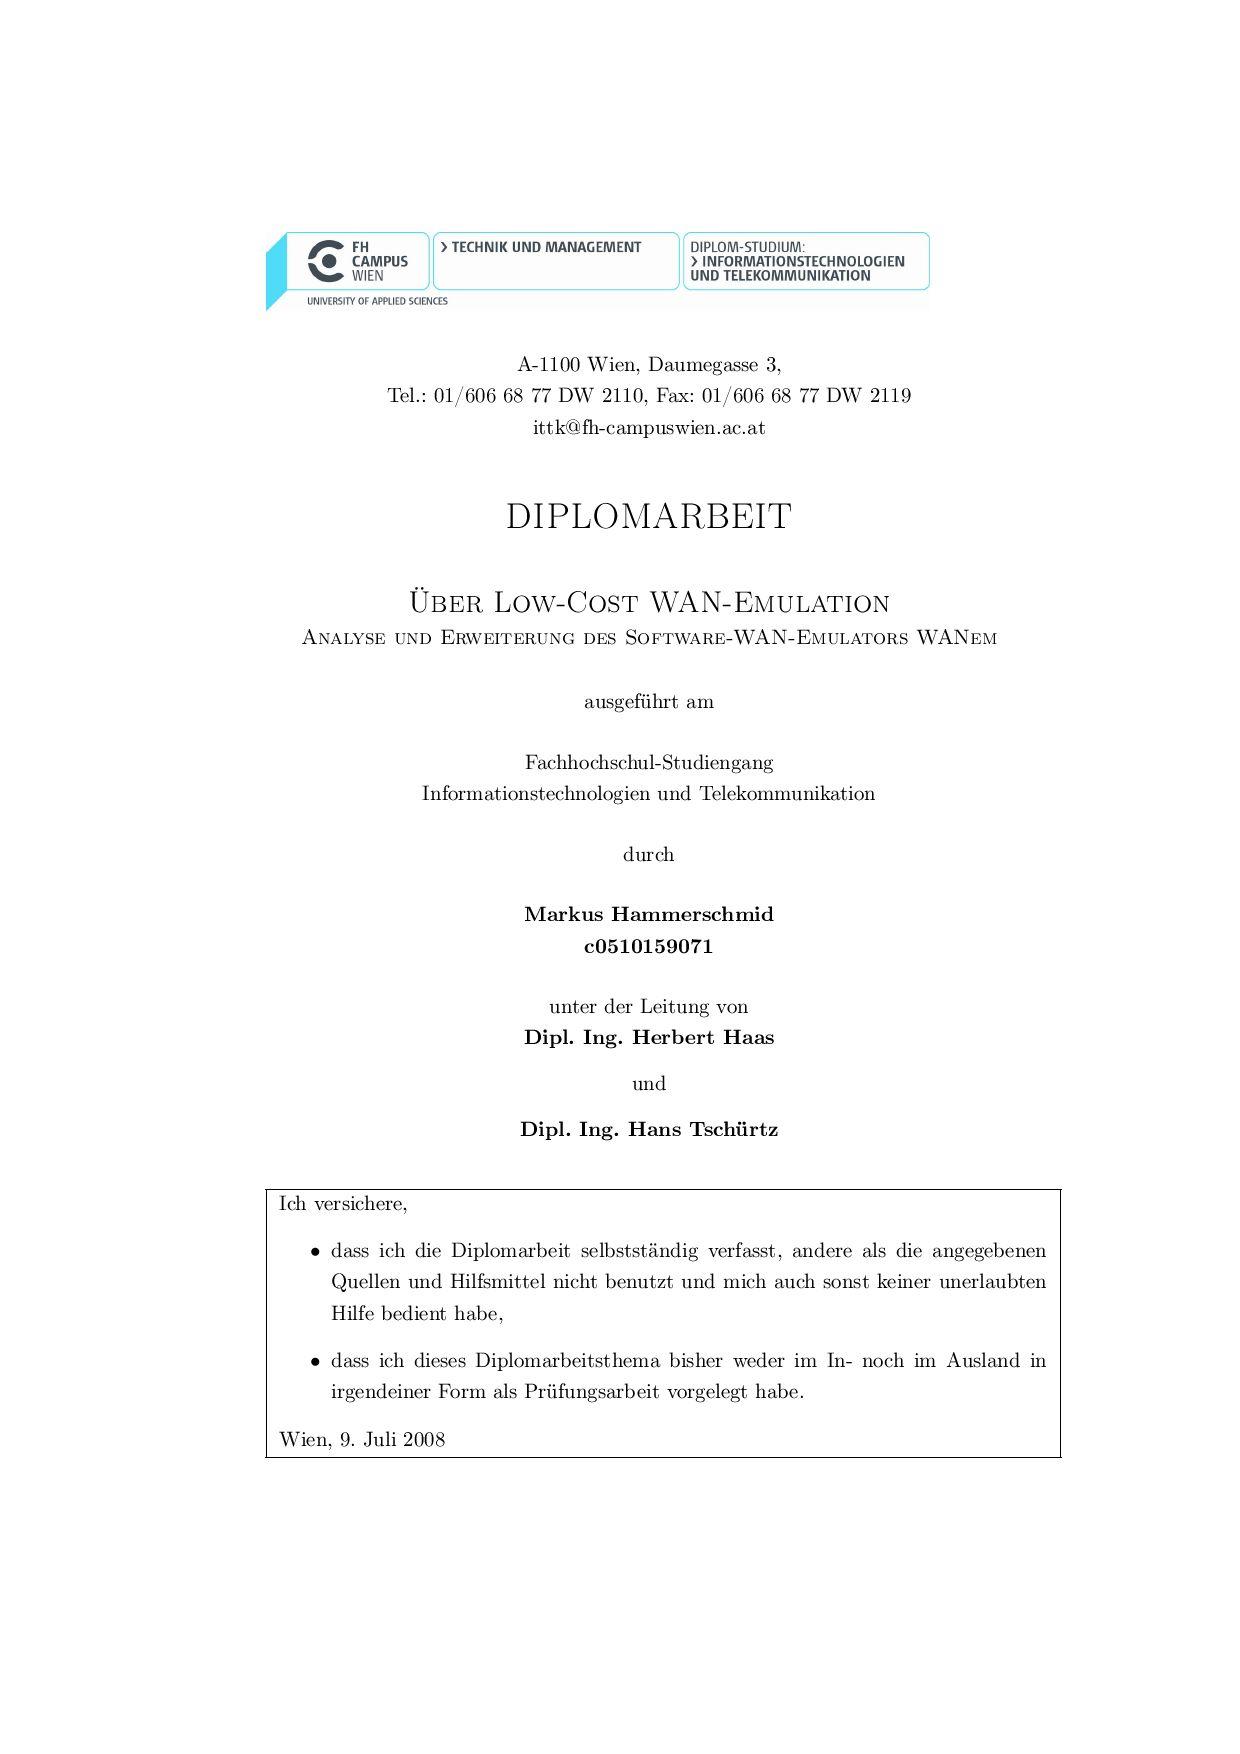 Über die Emulation von Weitverkehrsnetzen by Markus Hammerschmid - issuu